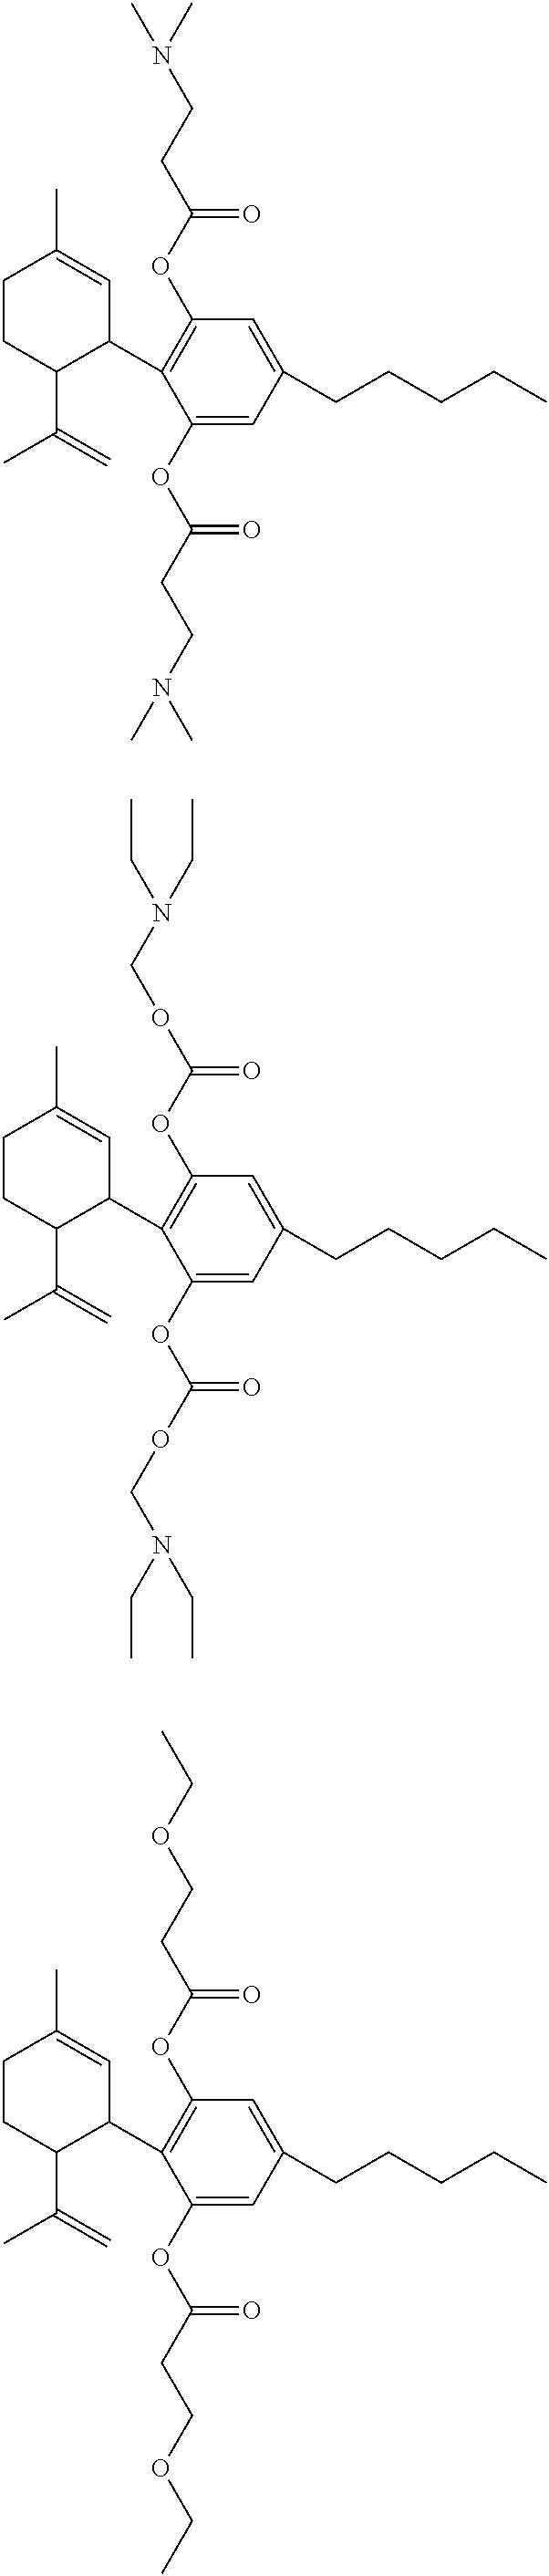 Figure US20110052694A1-20110303-C00002